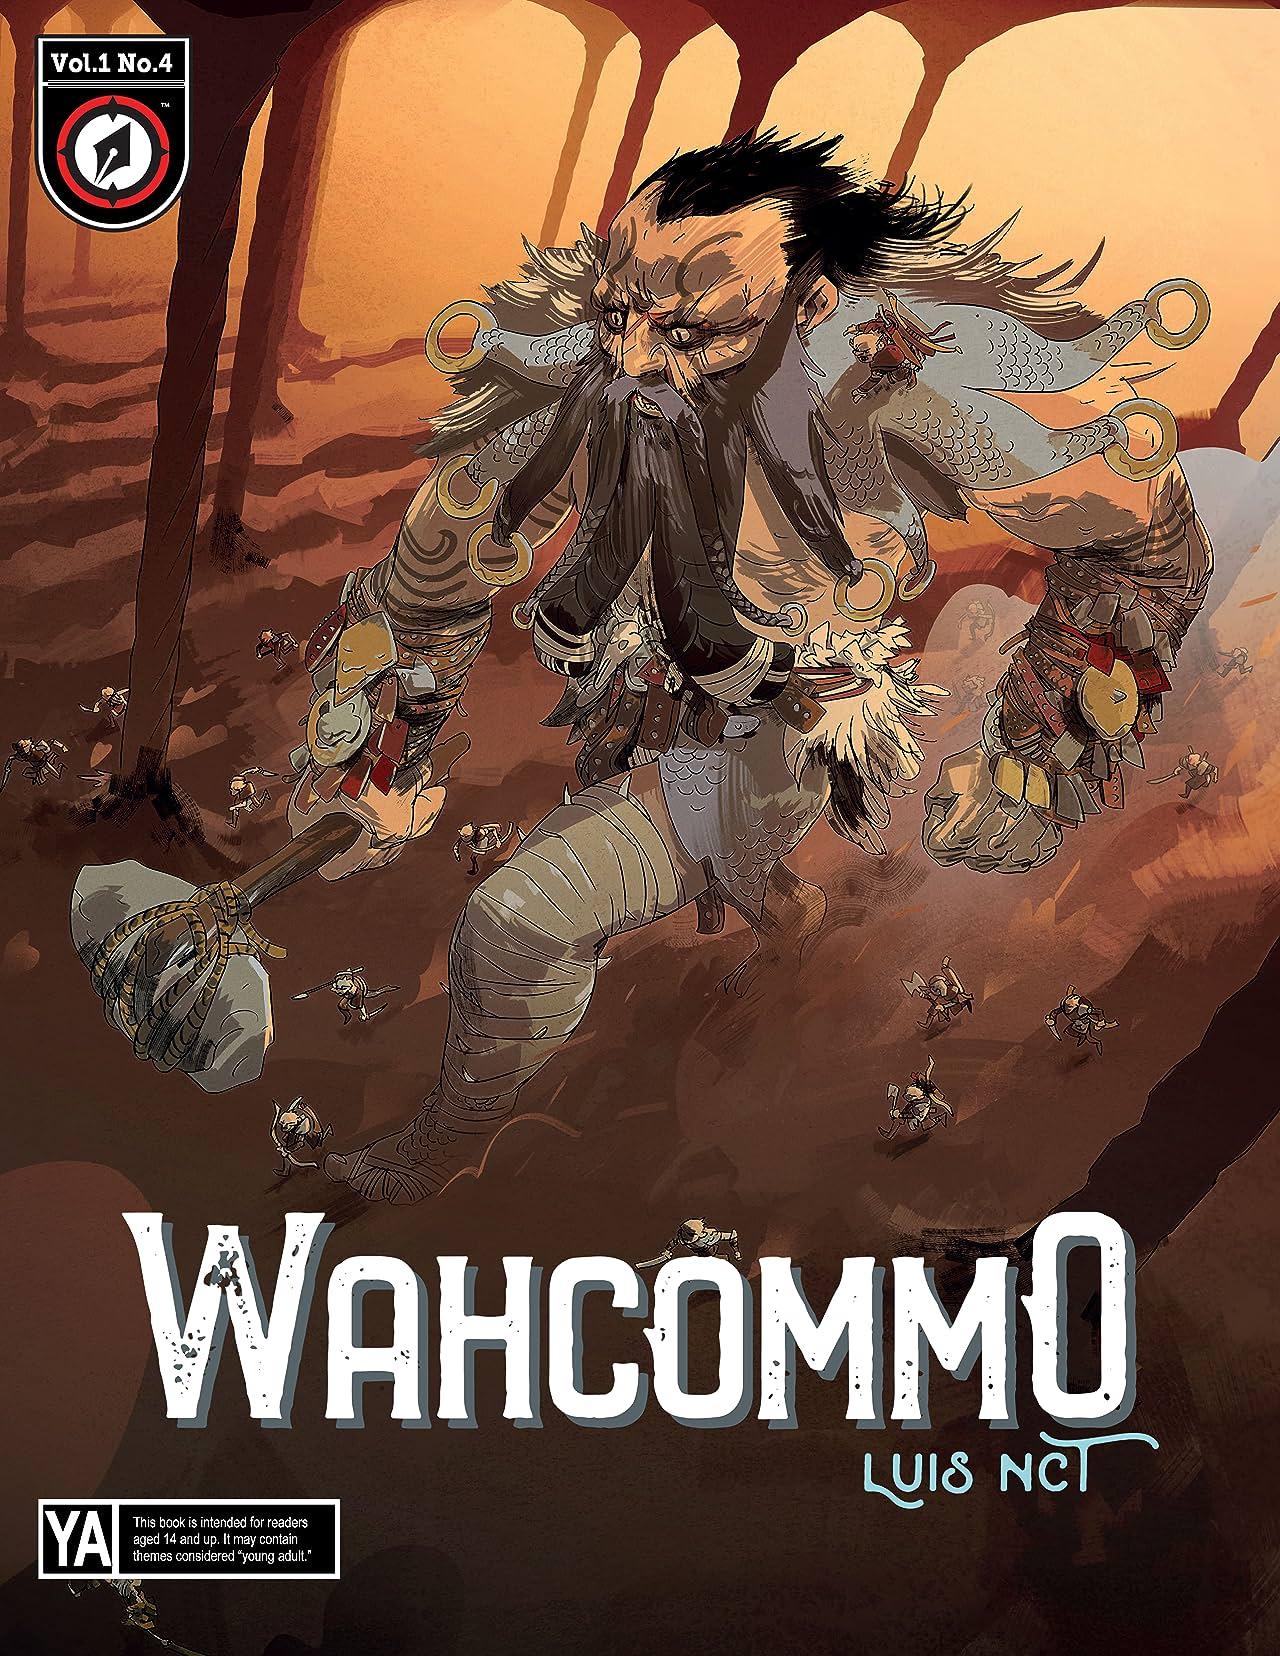 Wahcommo Vol. 1 #4